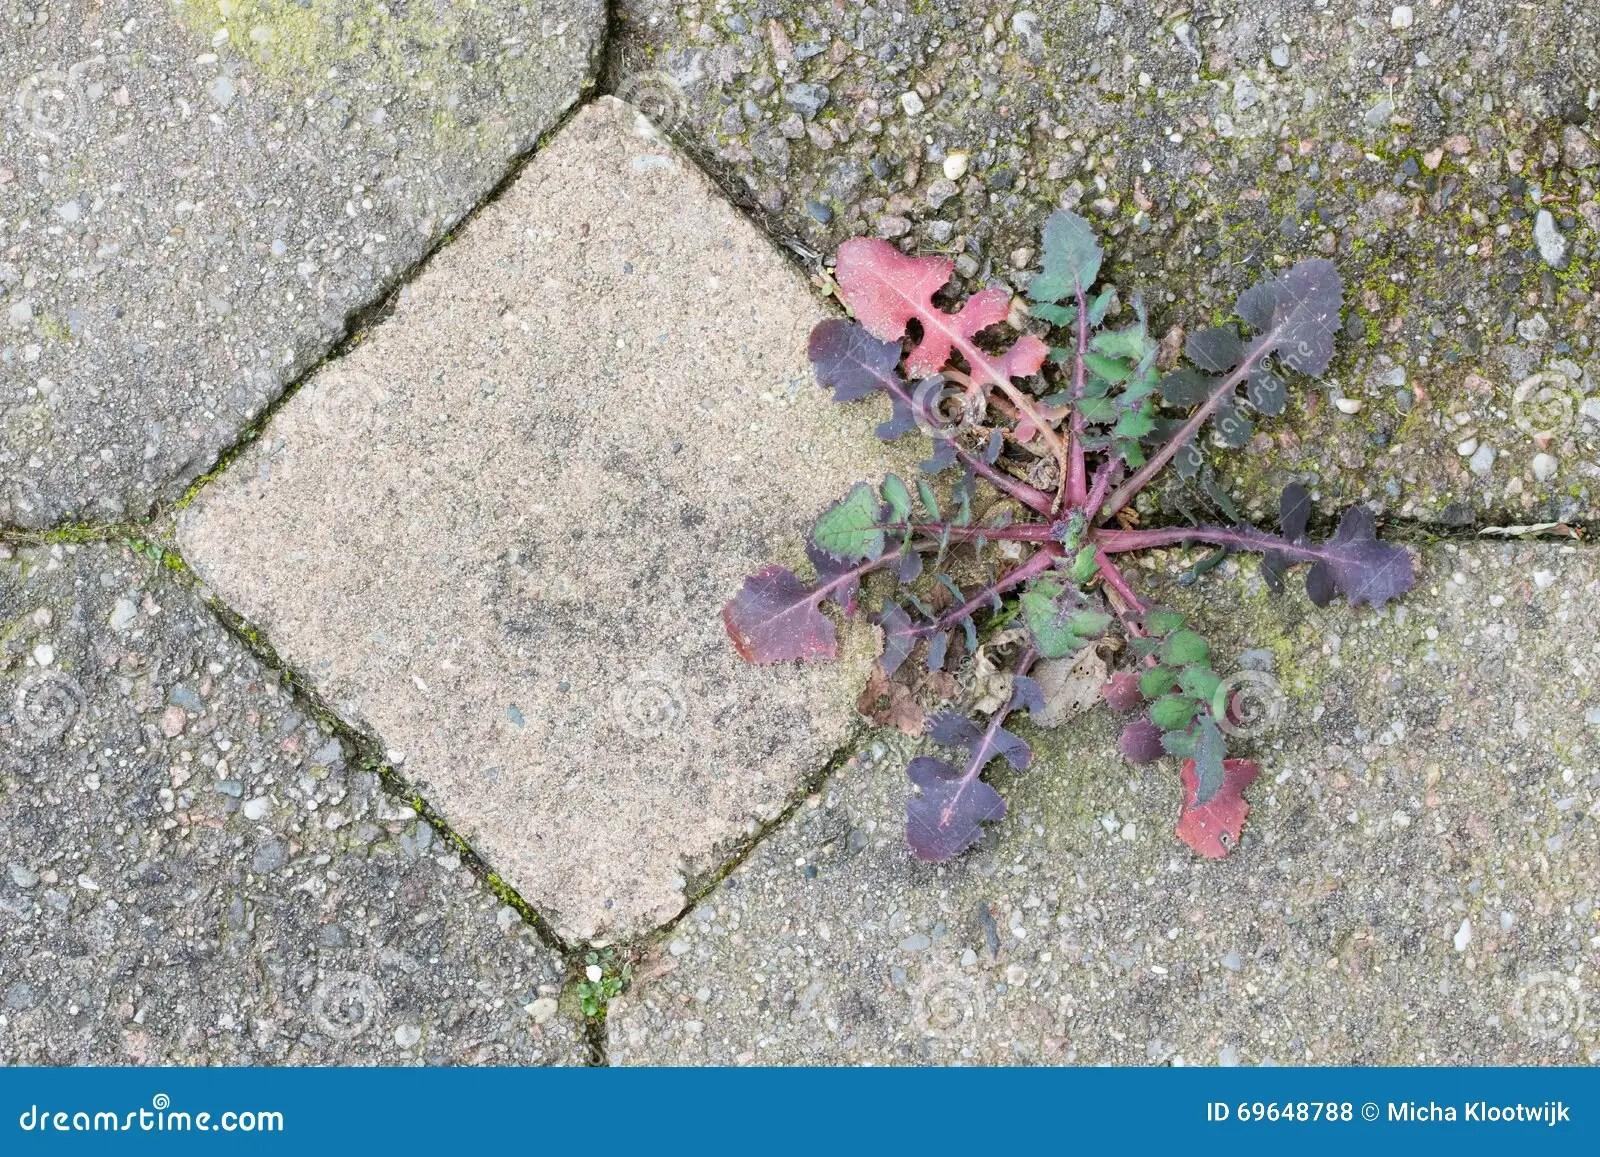 Weed Growing In The Cracks Between Patio Stones Stock